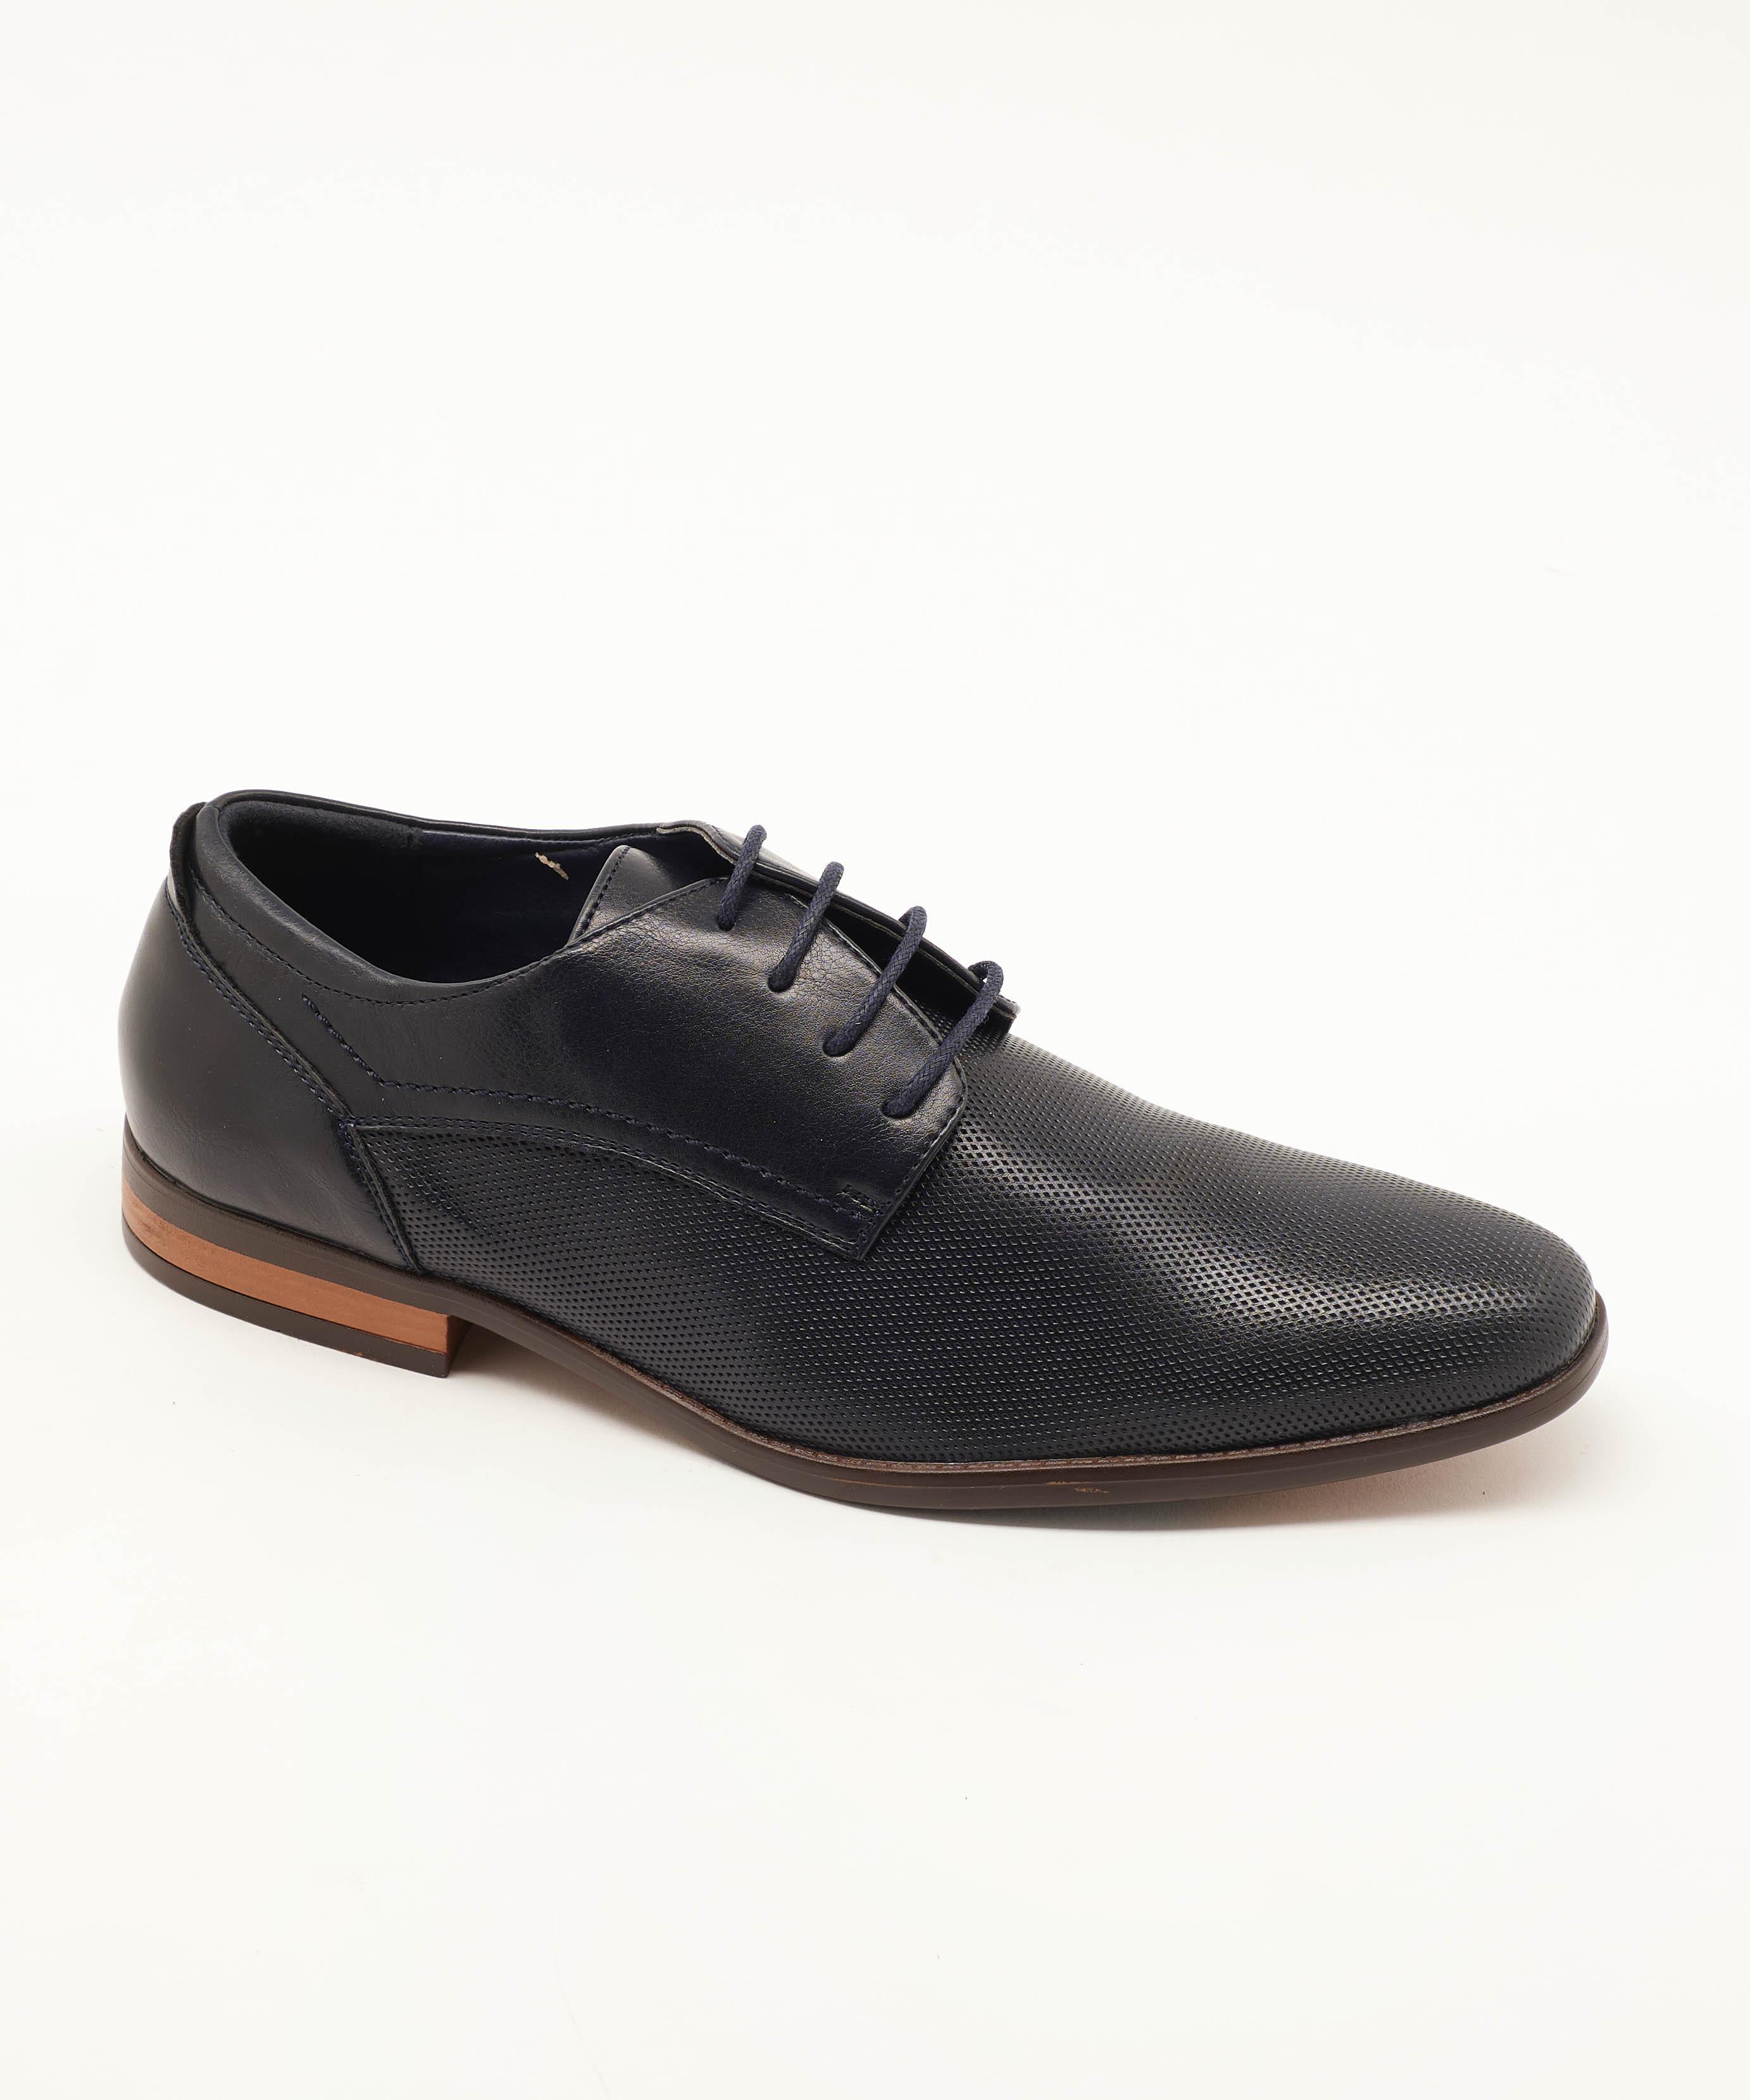 Chaussures De Ville Homme - Ville Noir Jina - Tj-2981